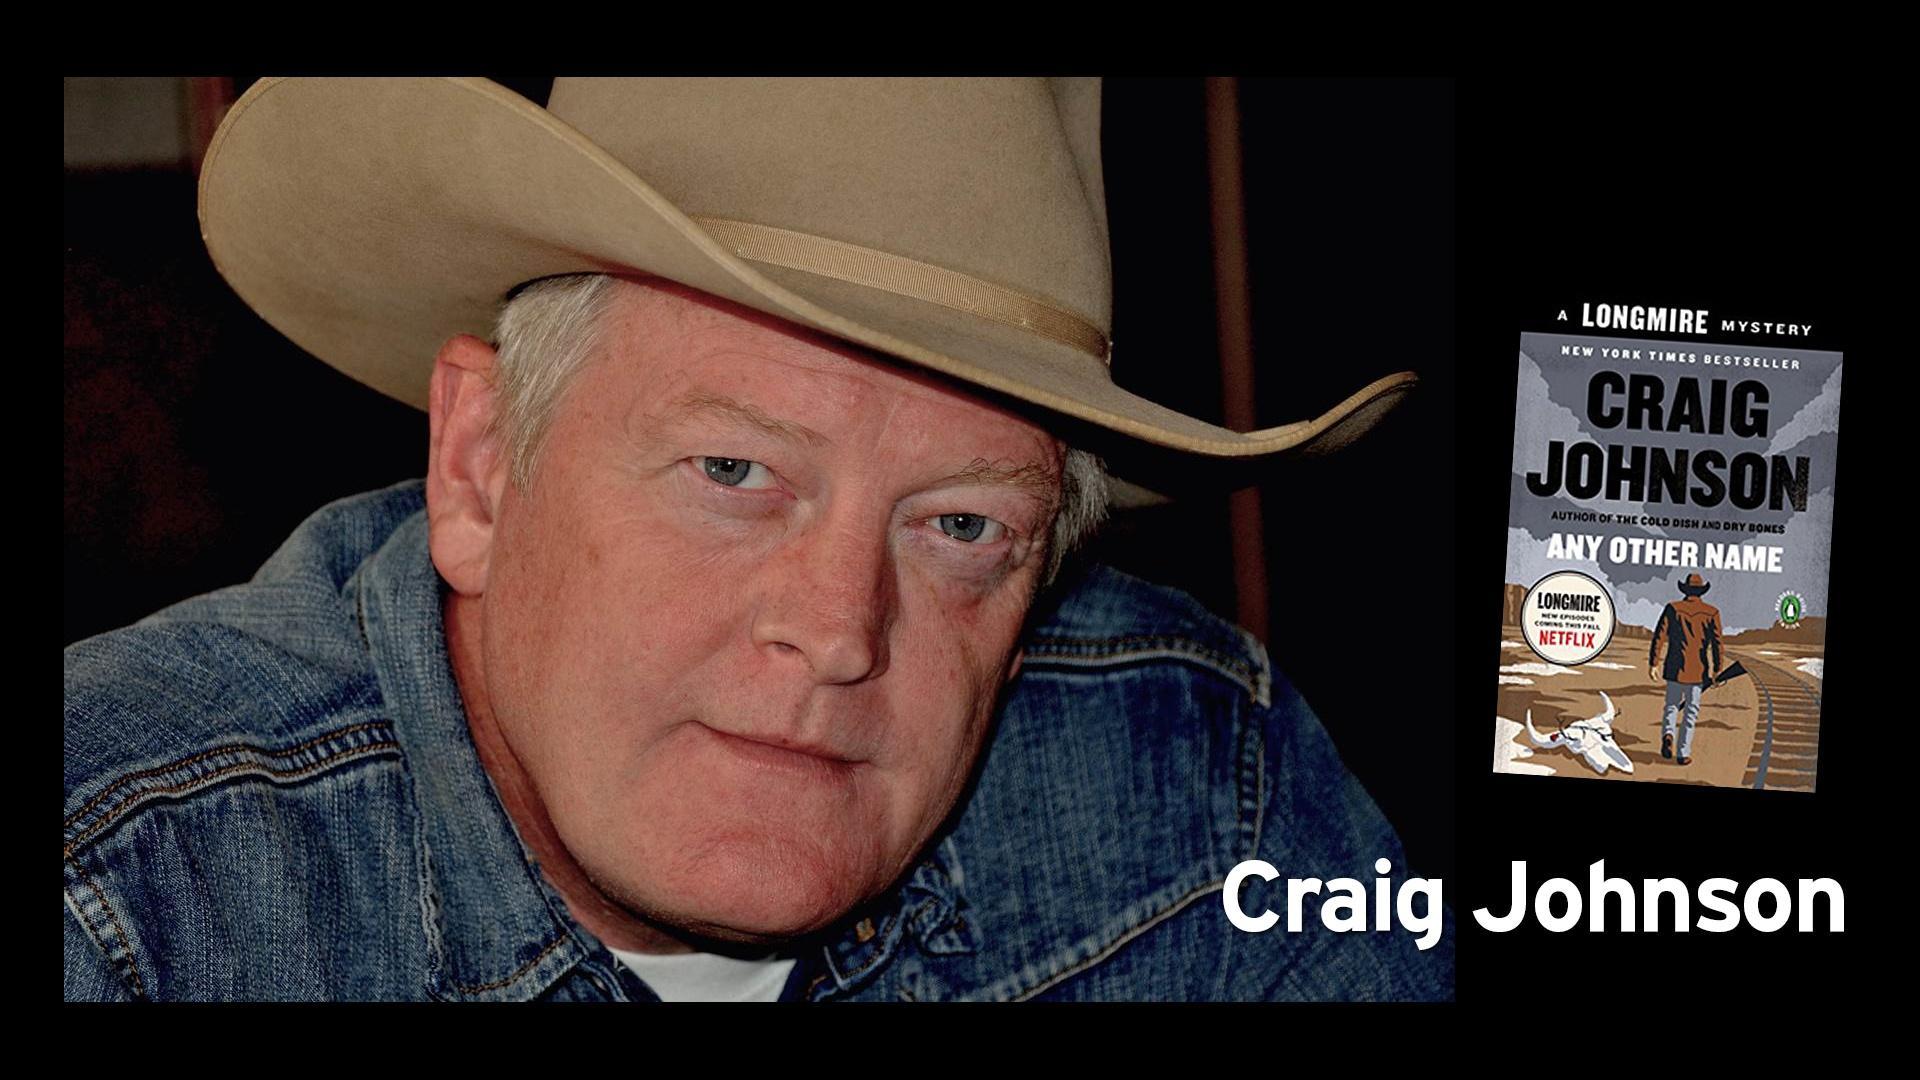 Craig Johnson book list